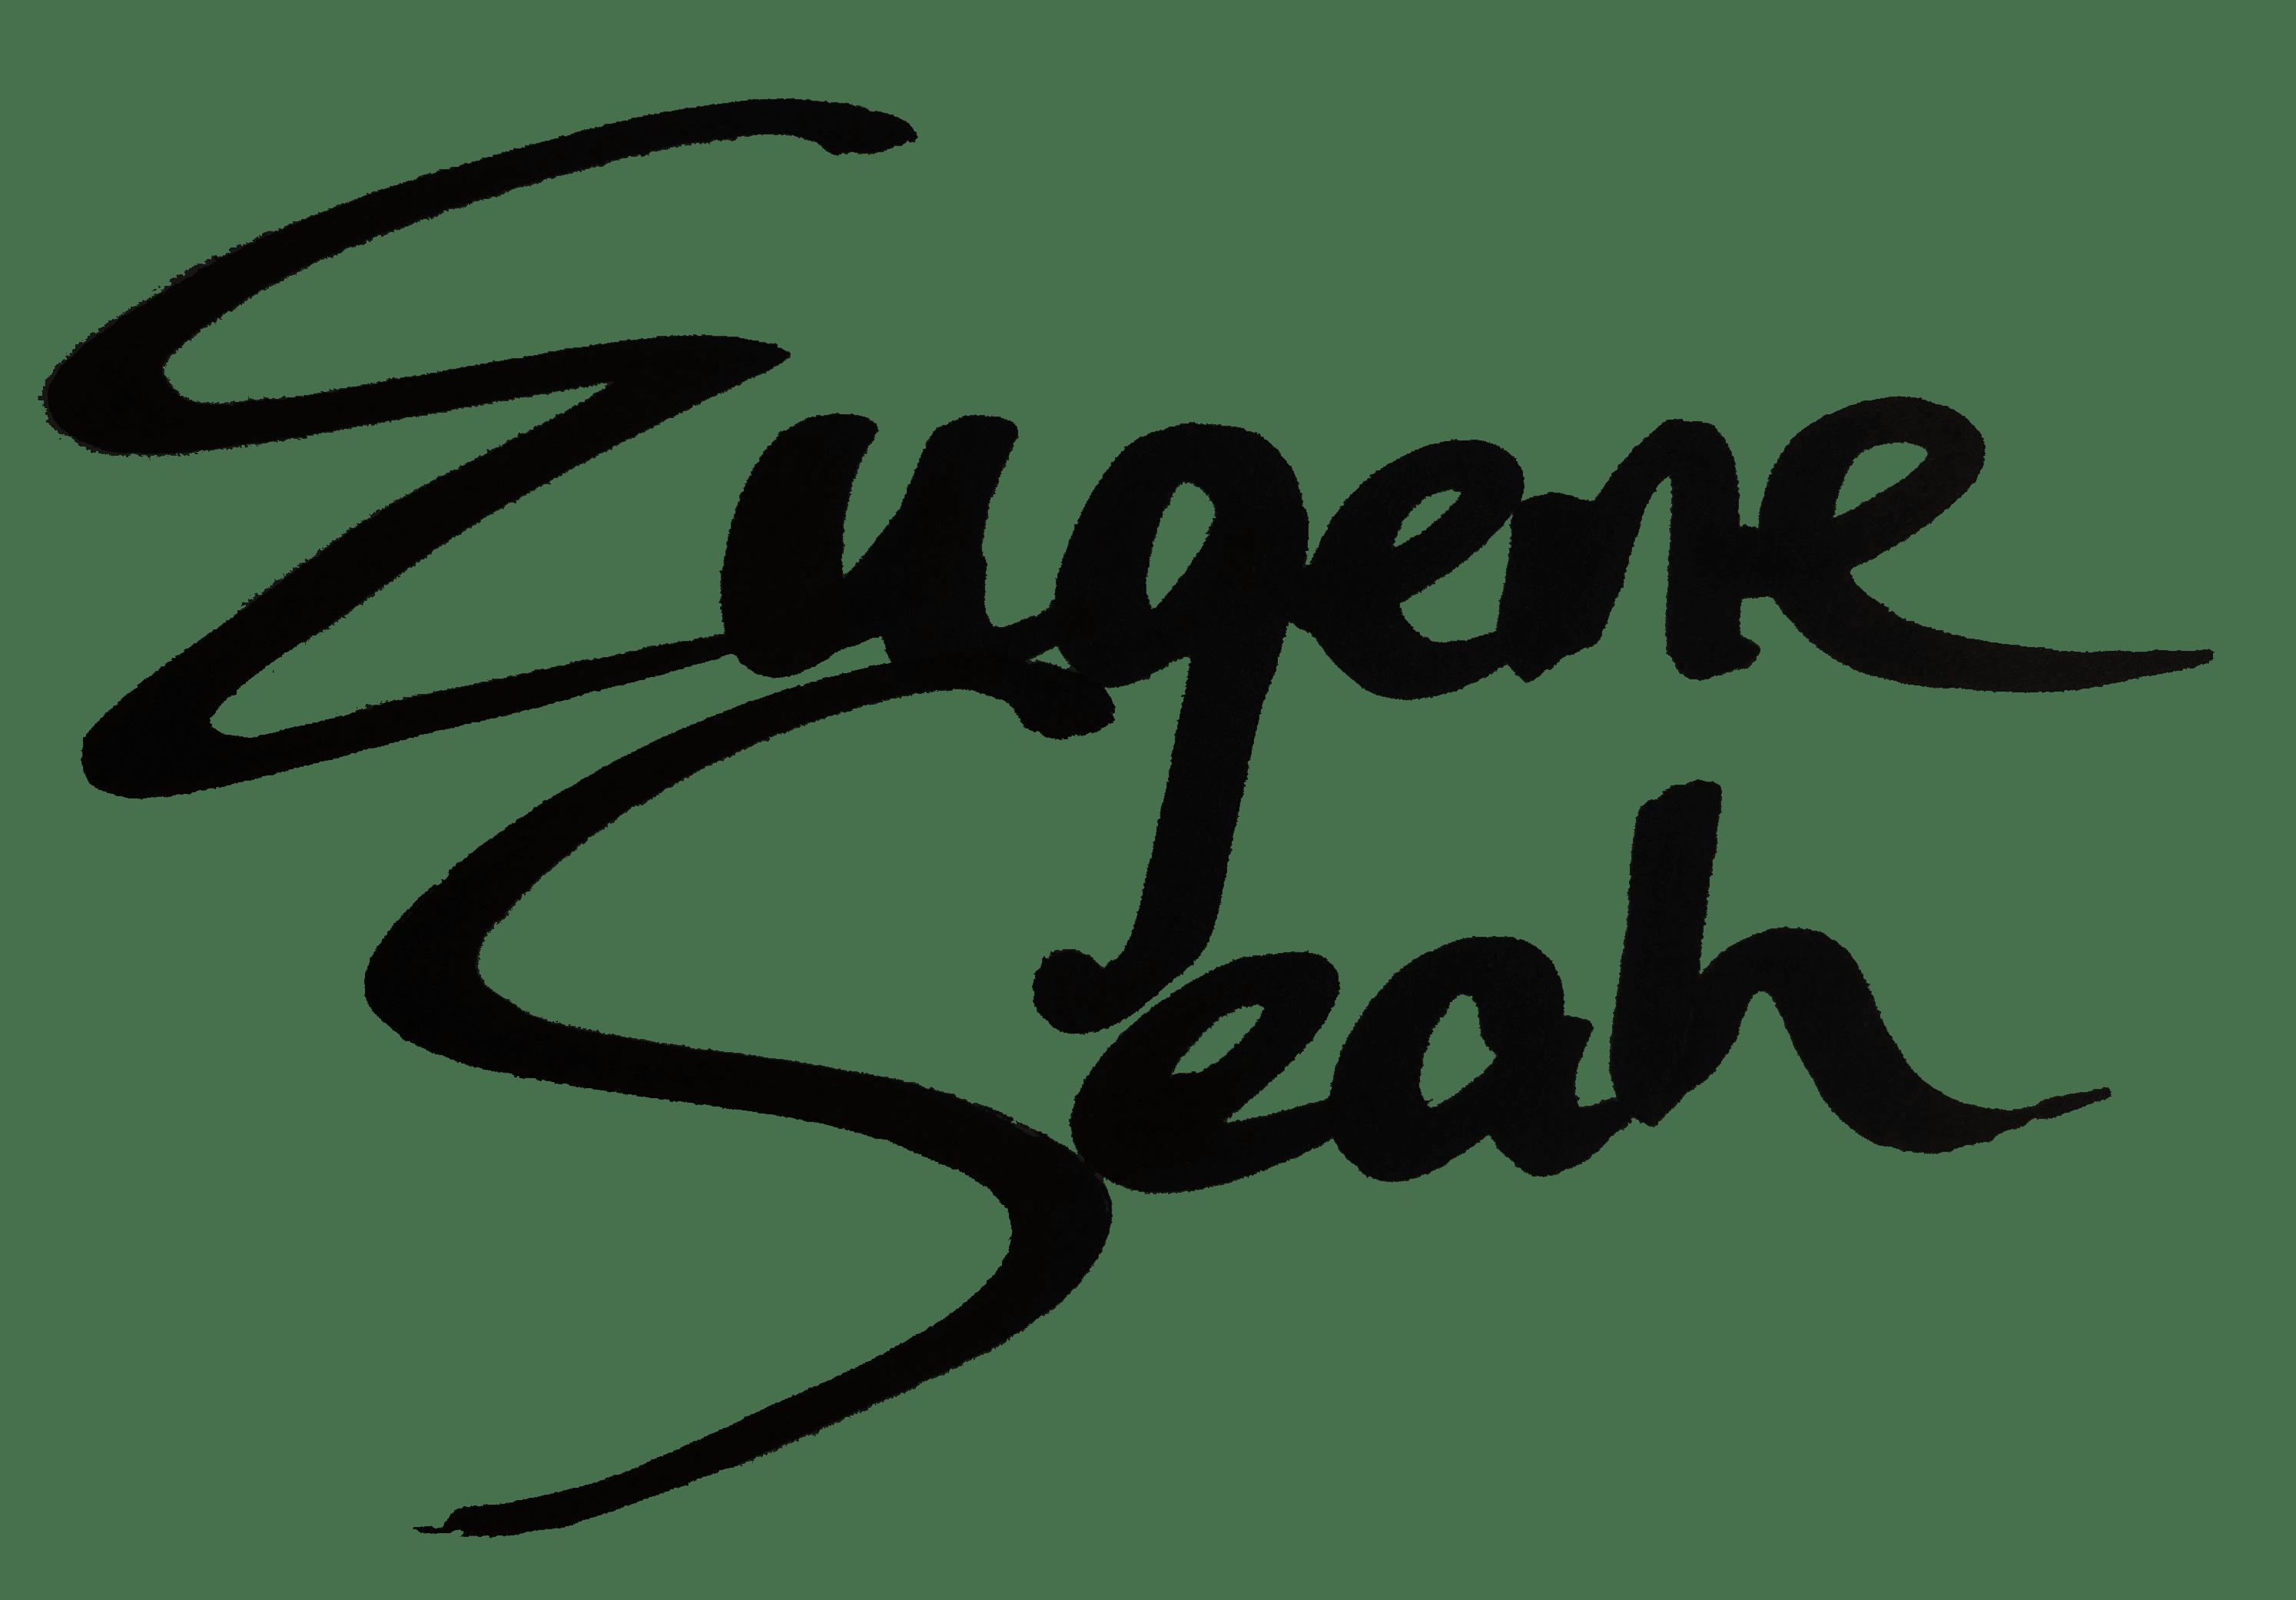 eugene seah